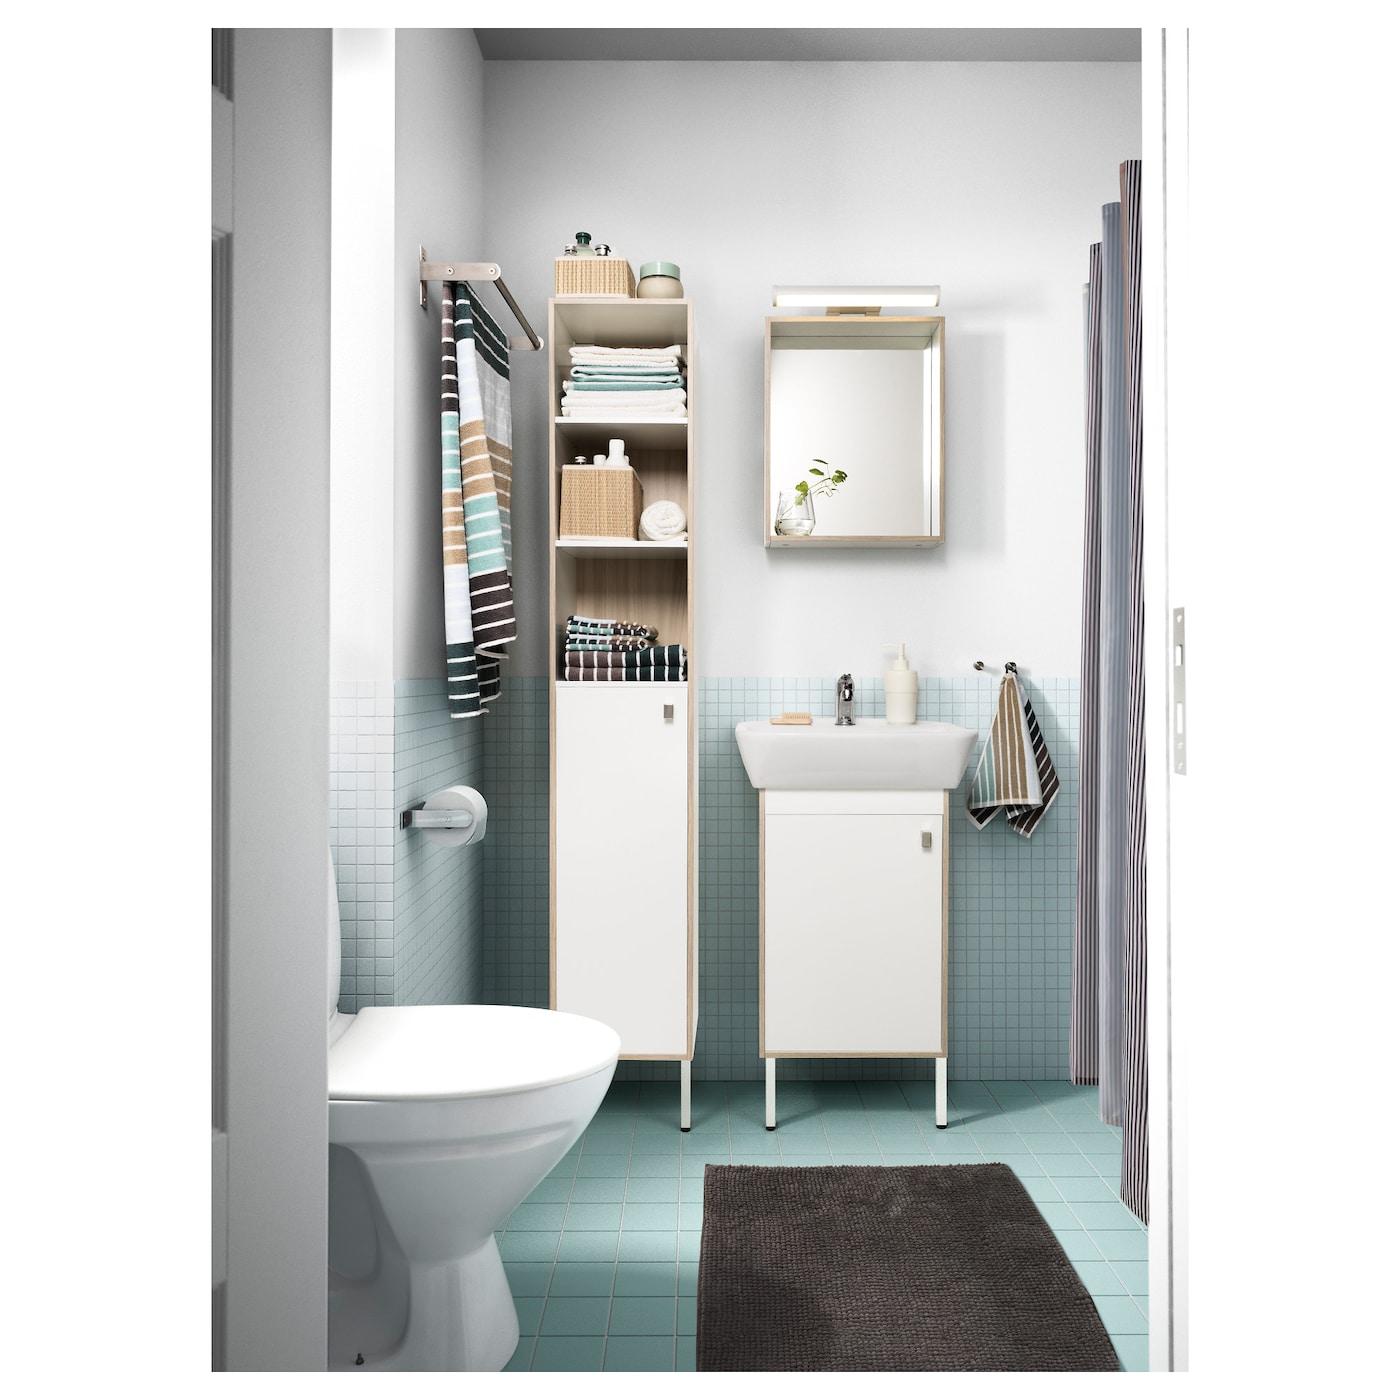 25 Cm Wide Bathroom Cabinet Part - 21: IKEA TYNGEN Washbasin Cabinet With 1 Door